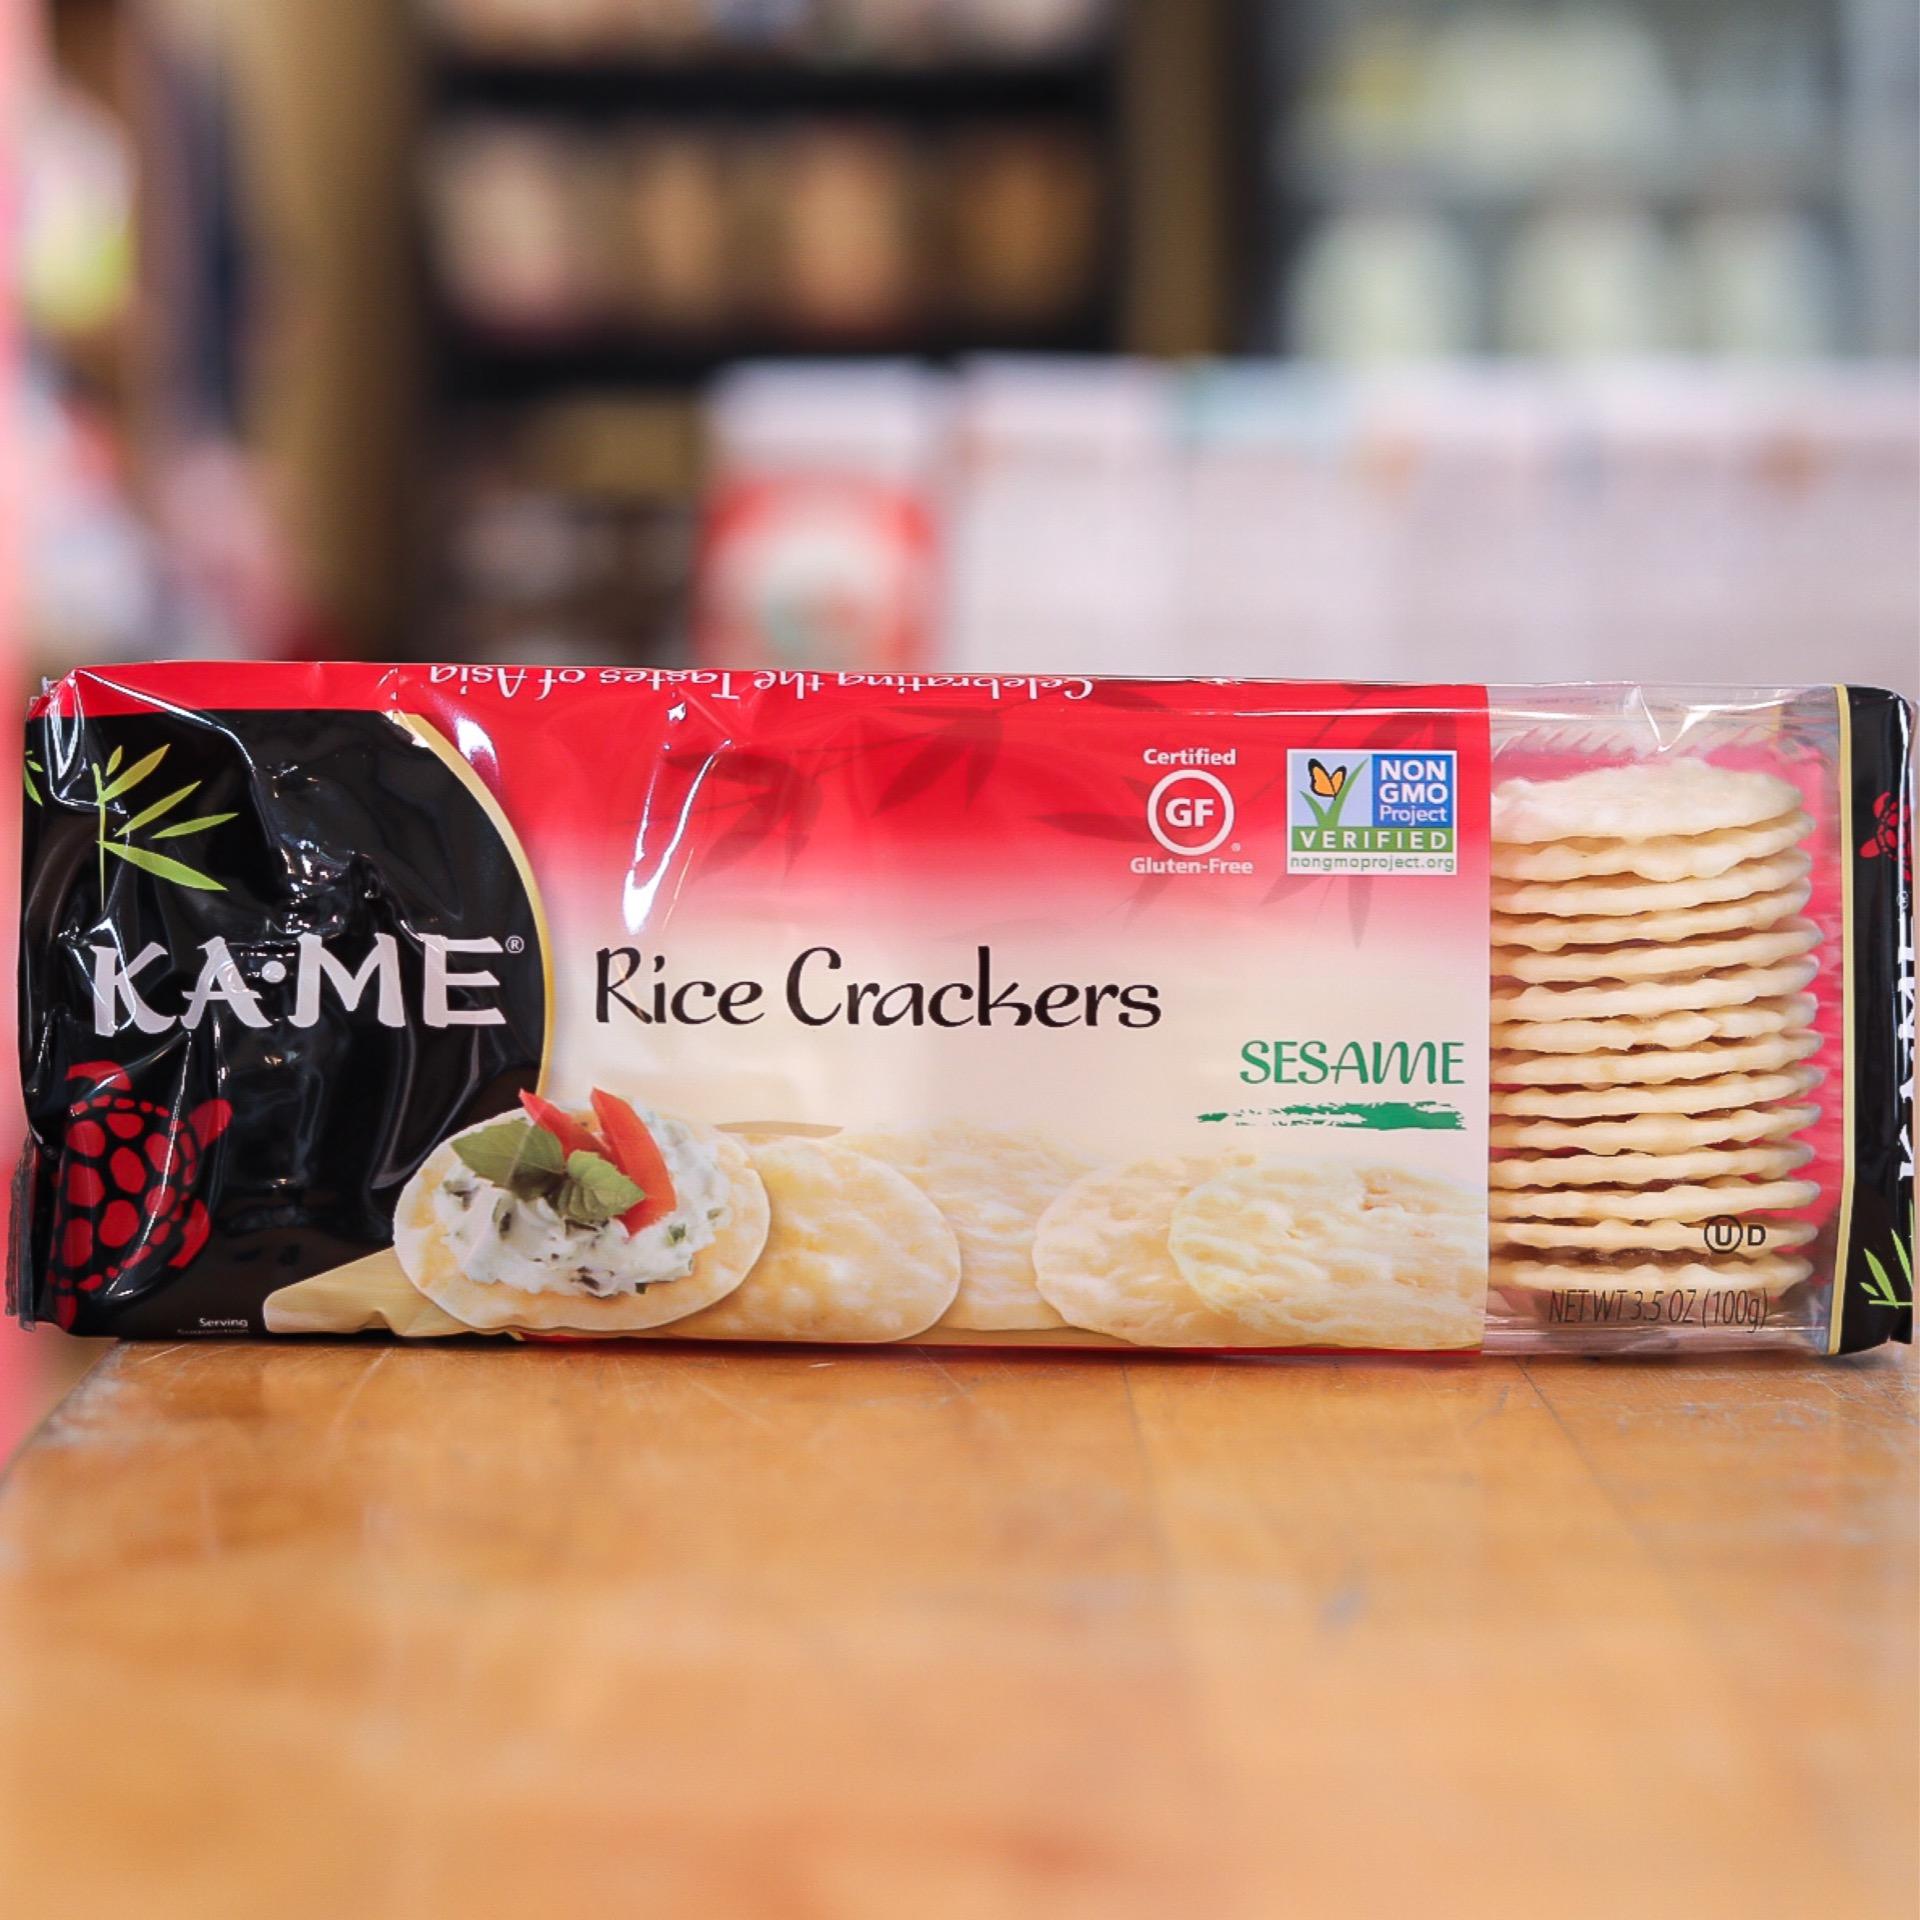 Ka Me Sesame Rice Crackers